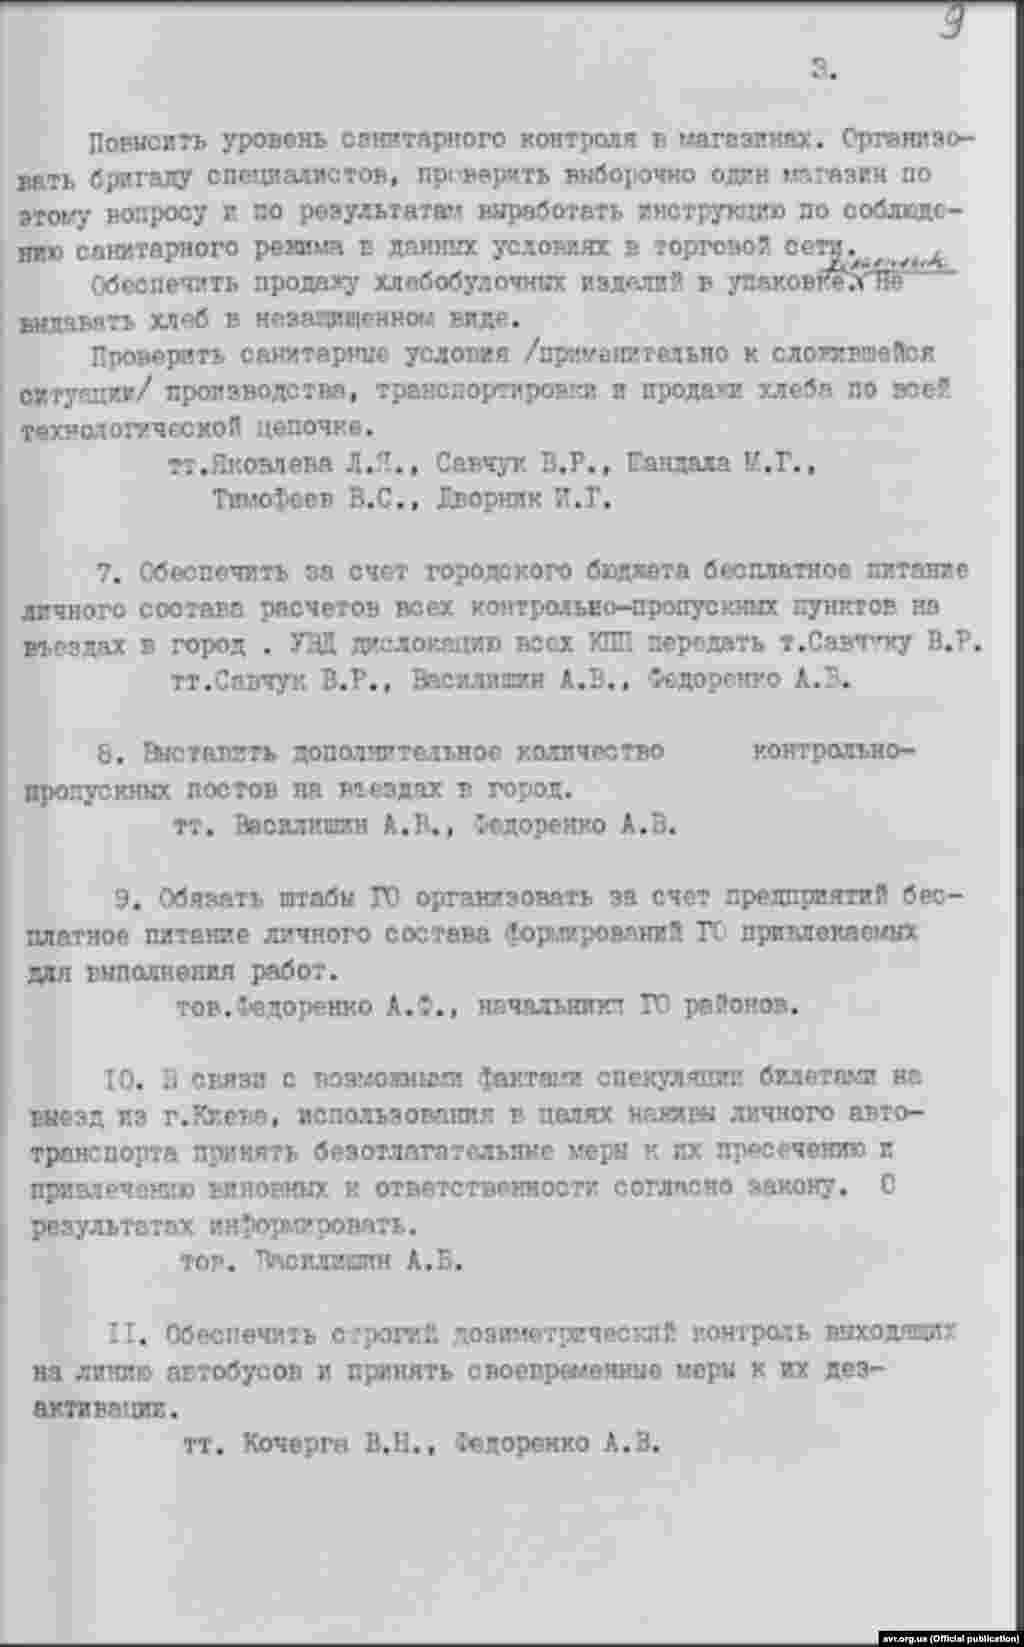 Протокол засідання Оперативної групи бюро Київському міськкому партії, 7 травня 1986 року